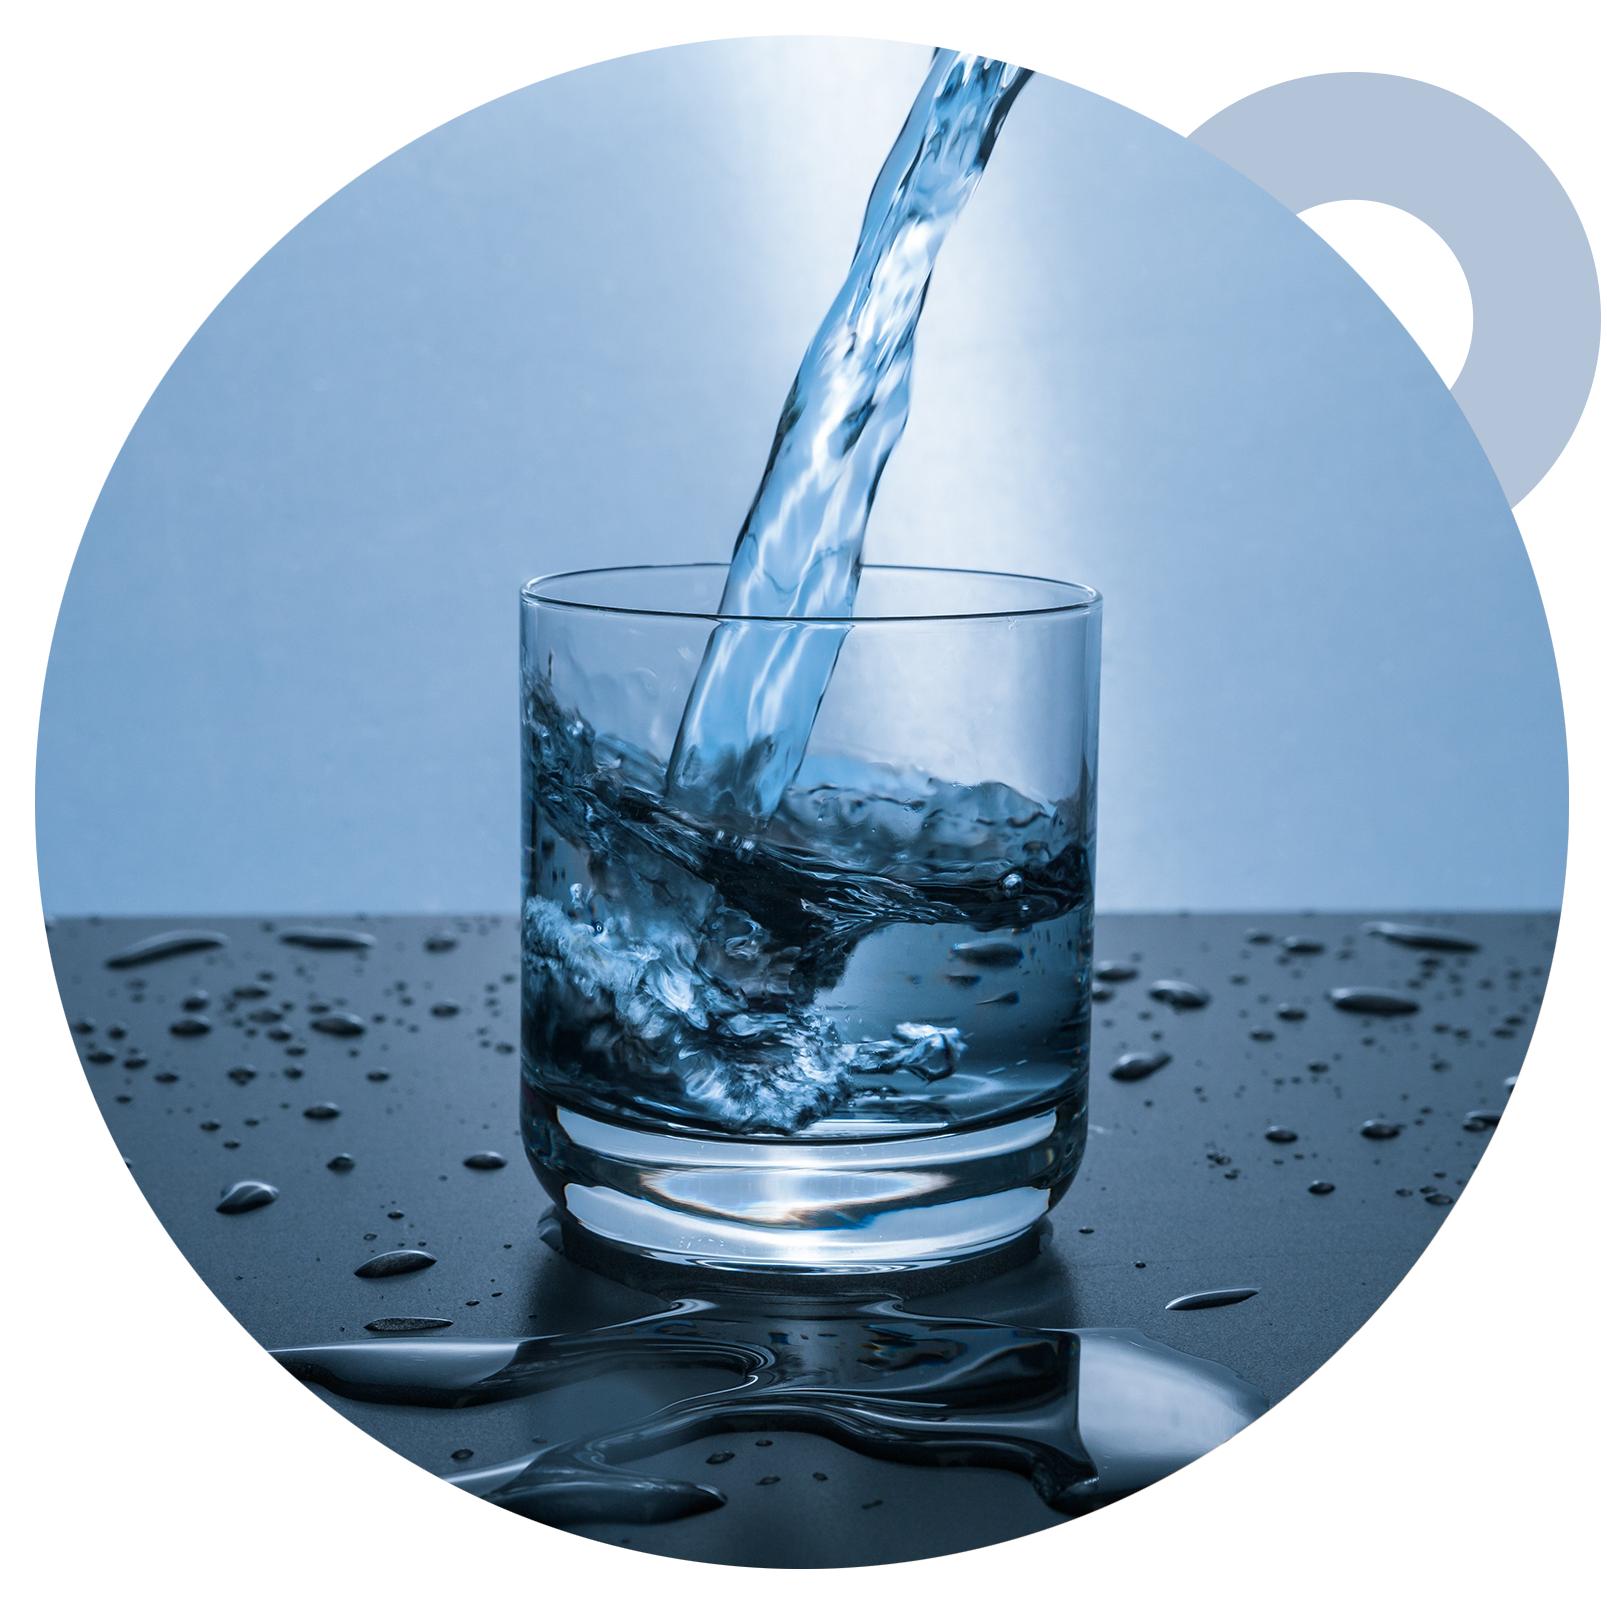 Waterhardheden | Overzicht waterhardheden | Waterhardheid | Clearwater